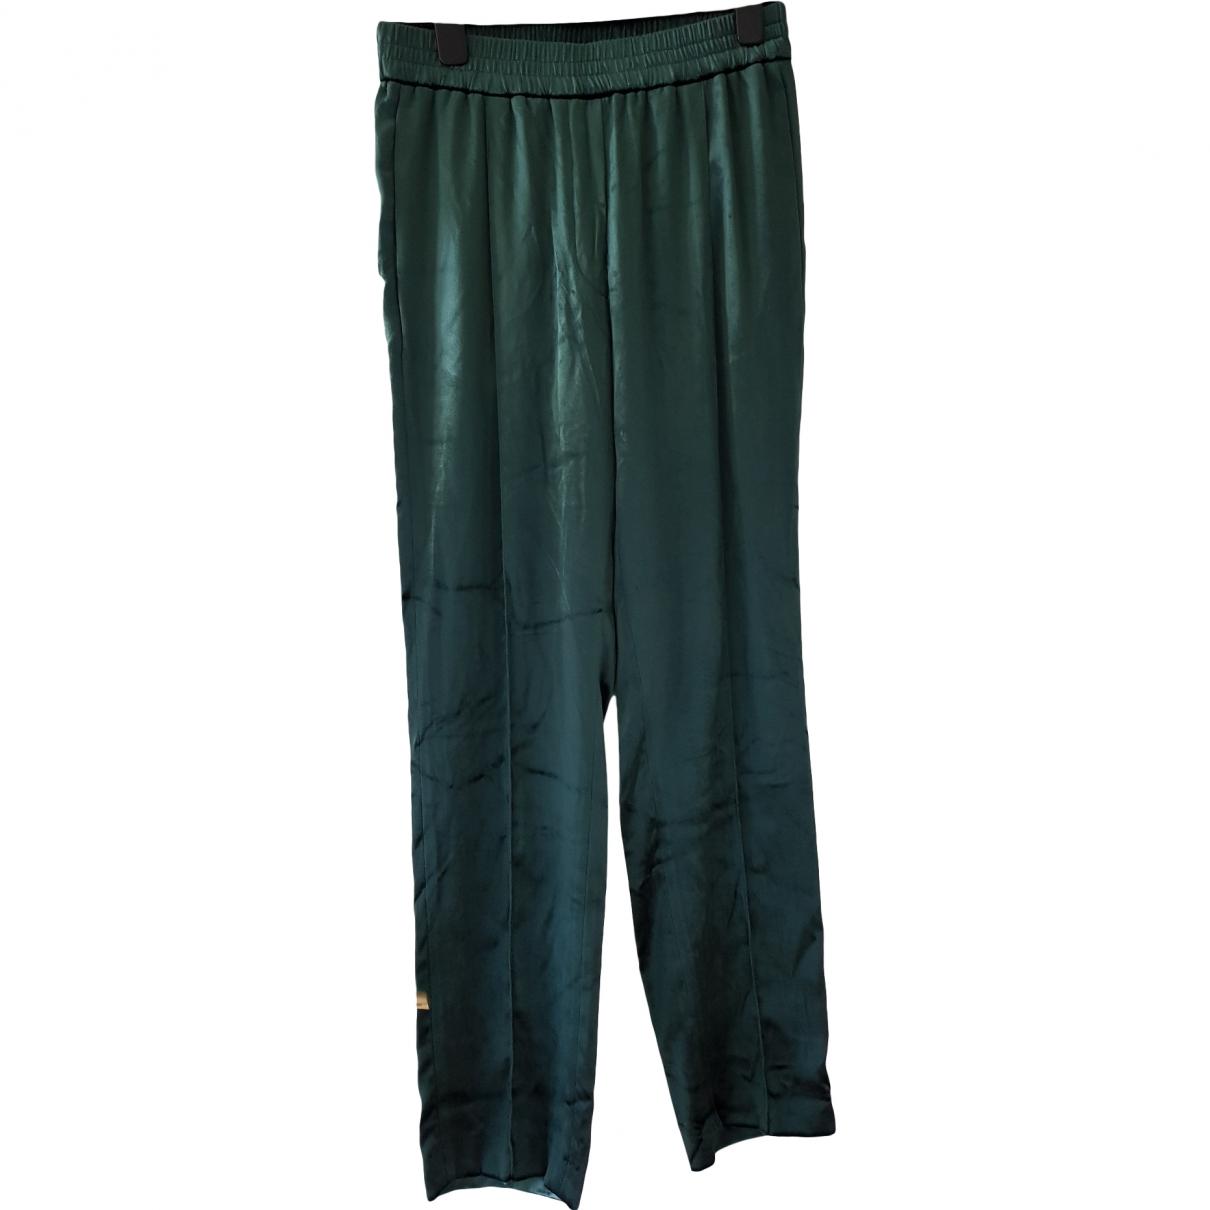 Sandro \N Green Trousers for Women 2 0-5